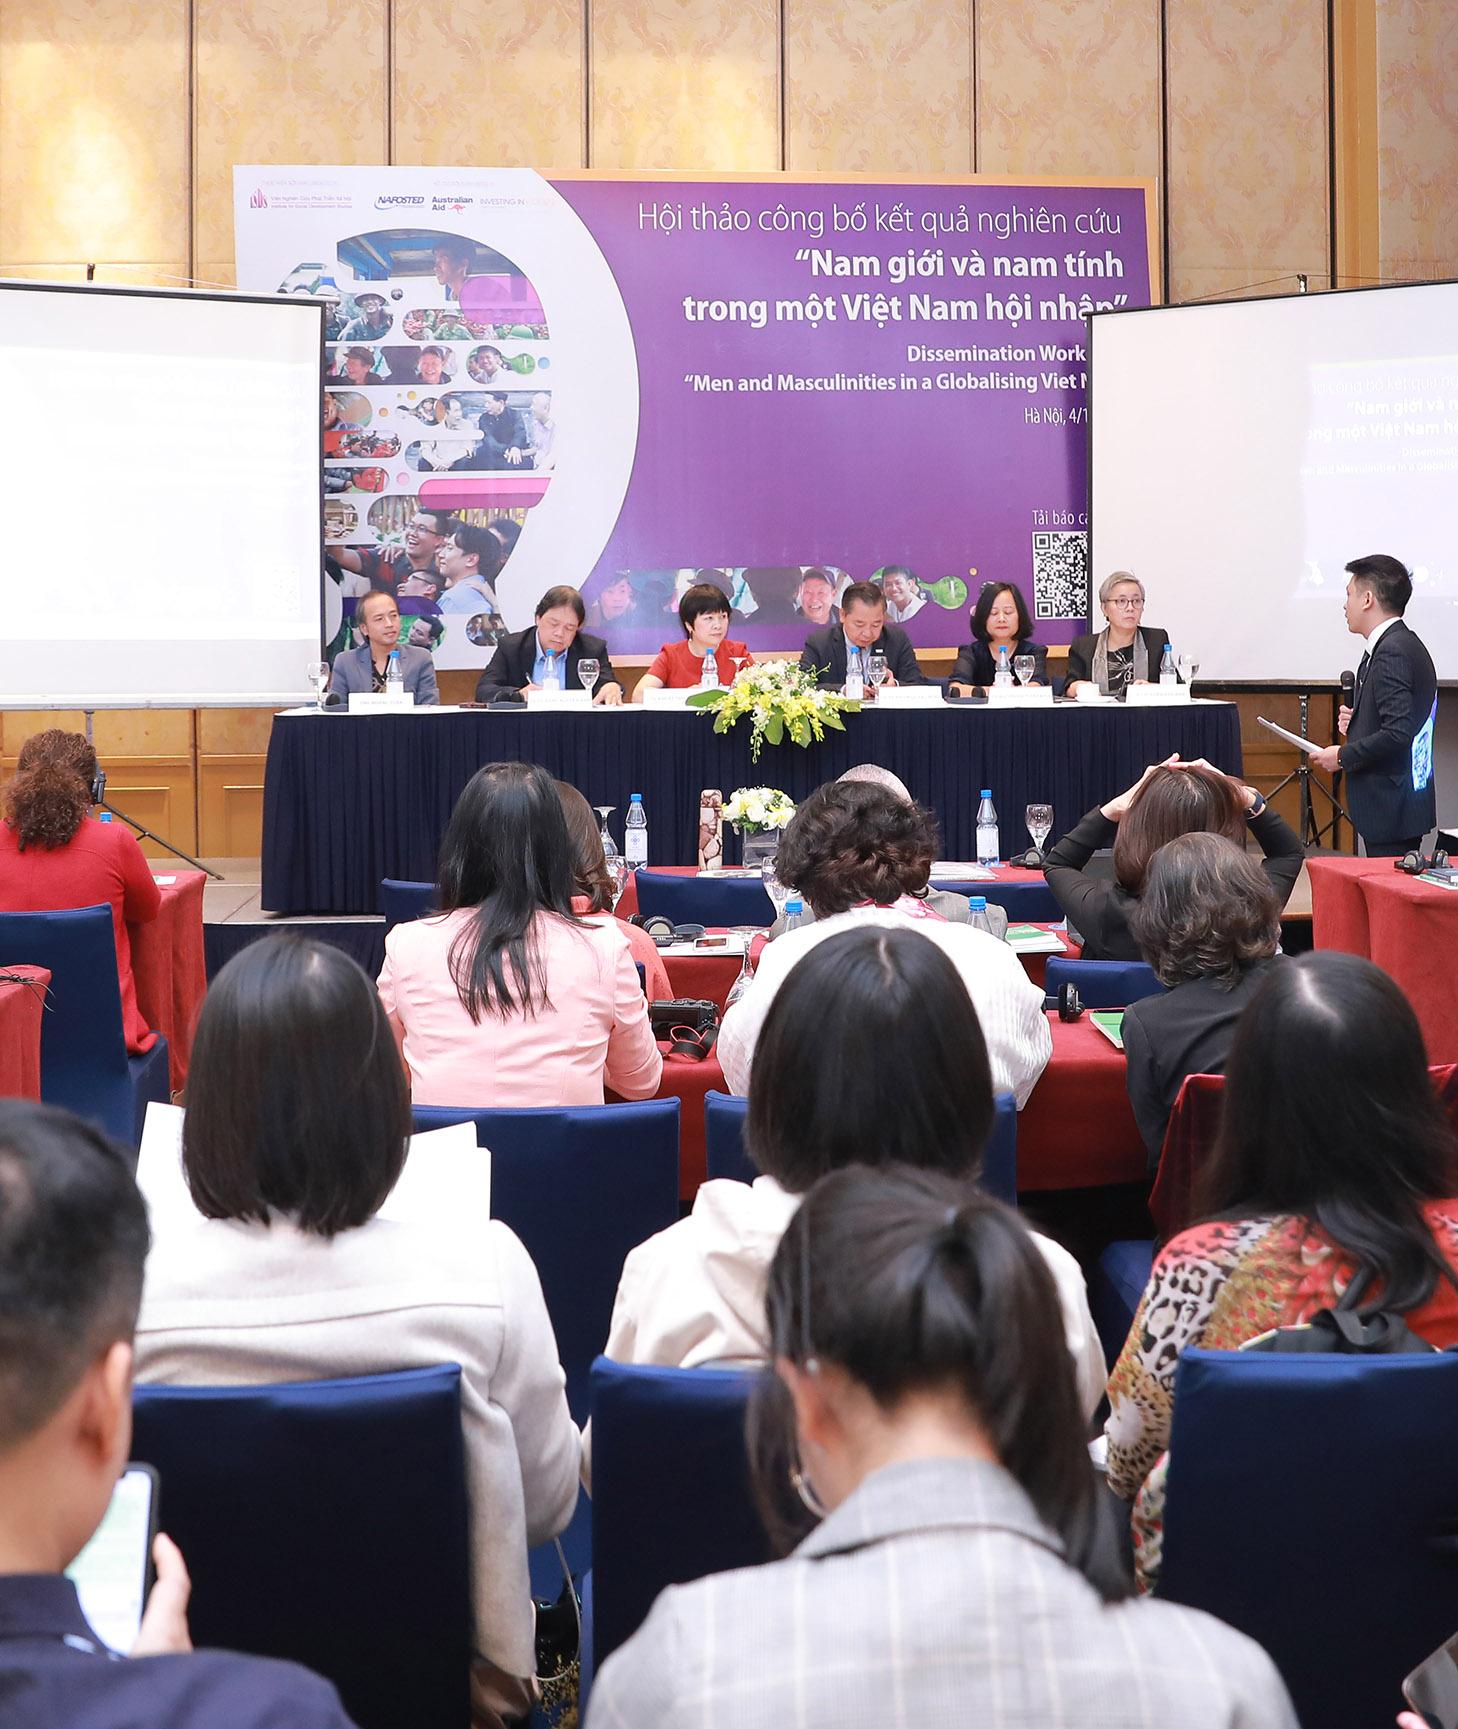 """Hội thảo công bố kết quả nghiên cứu """"Nam giới và nam tính trong một Việt Nam hội nhập"""""""